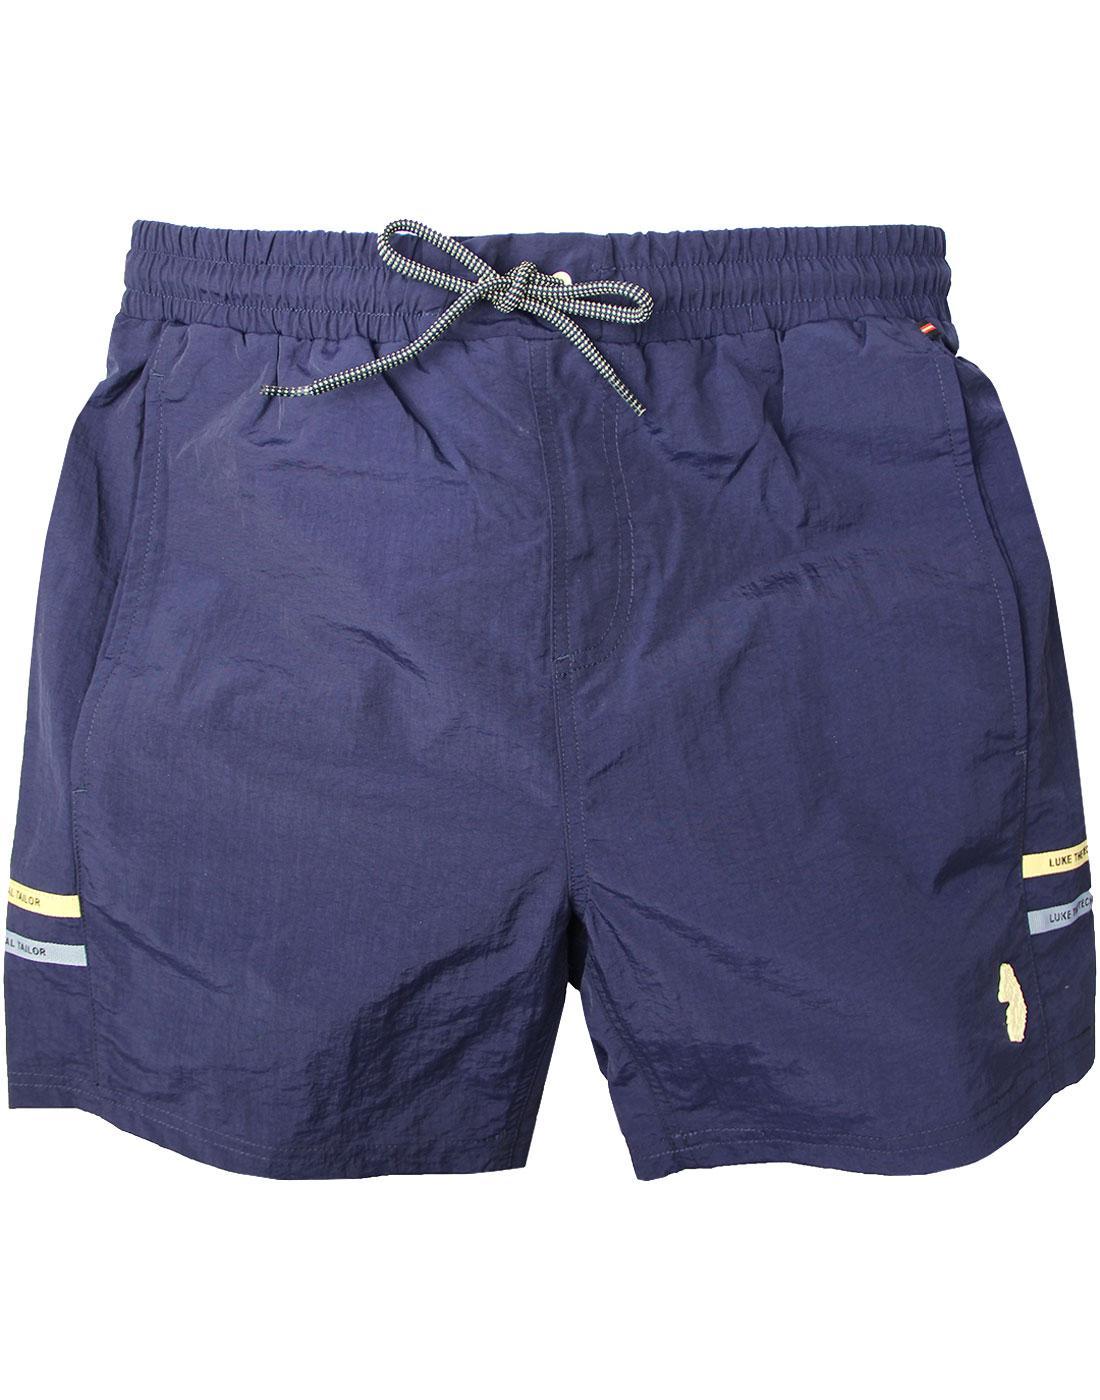 Ragy LUKE 1977 SPORT Men's Retro Swim Shorts NAVY